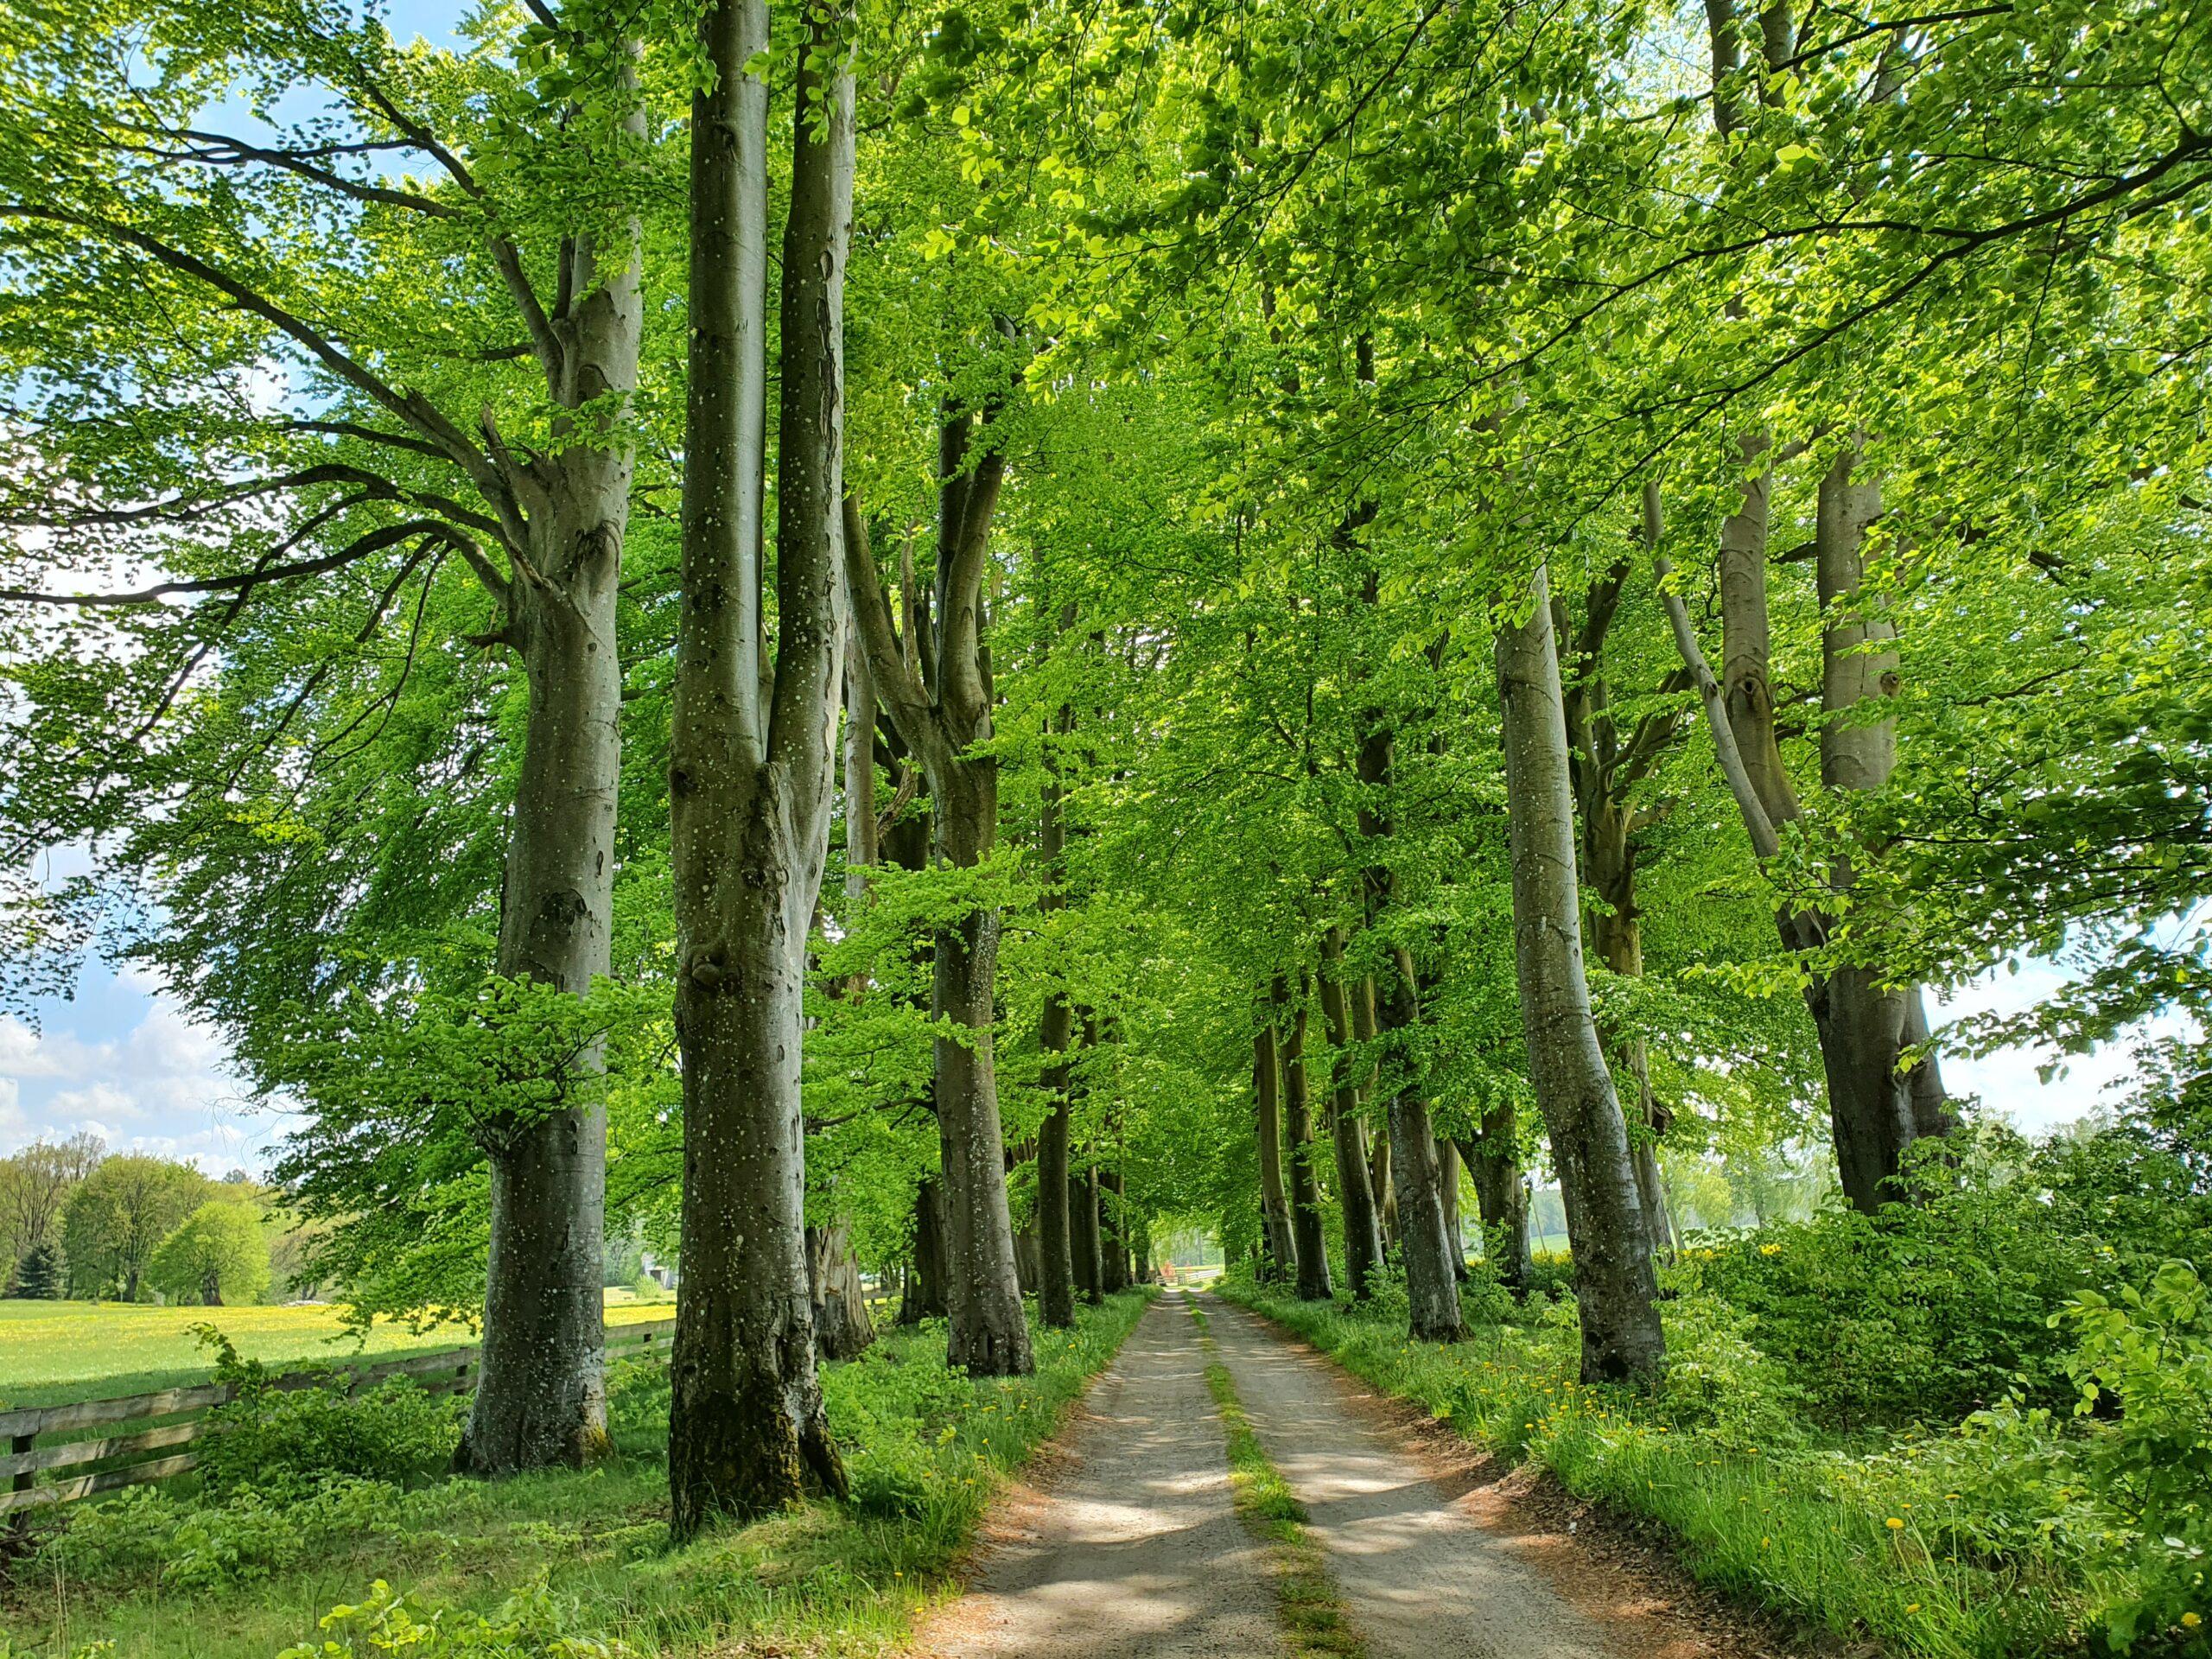 Ekspertyza  dendrologiczna dla zabytkowej alei drzew – ZAPYTANIE OFERTOWE